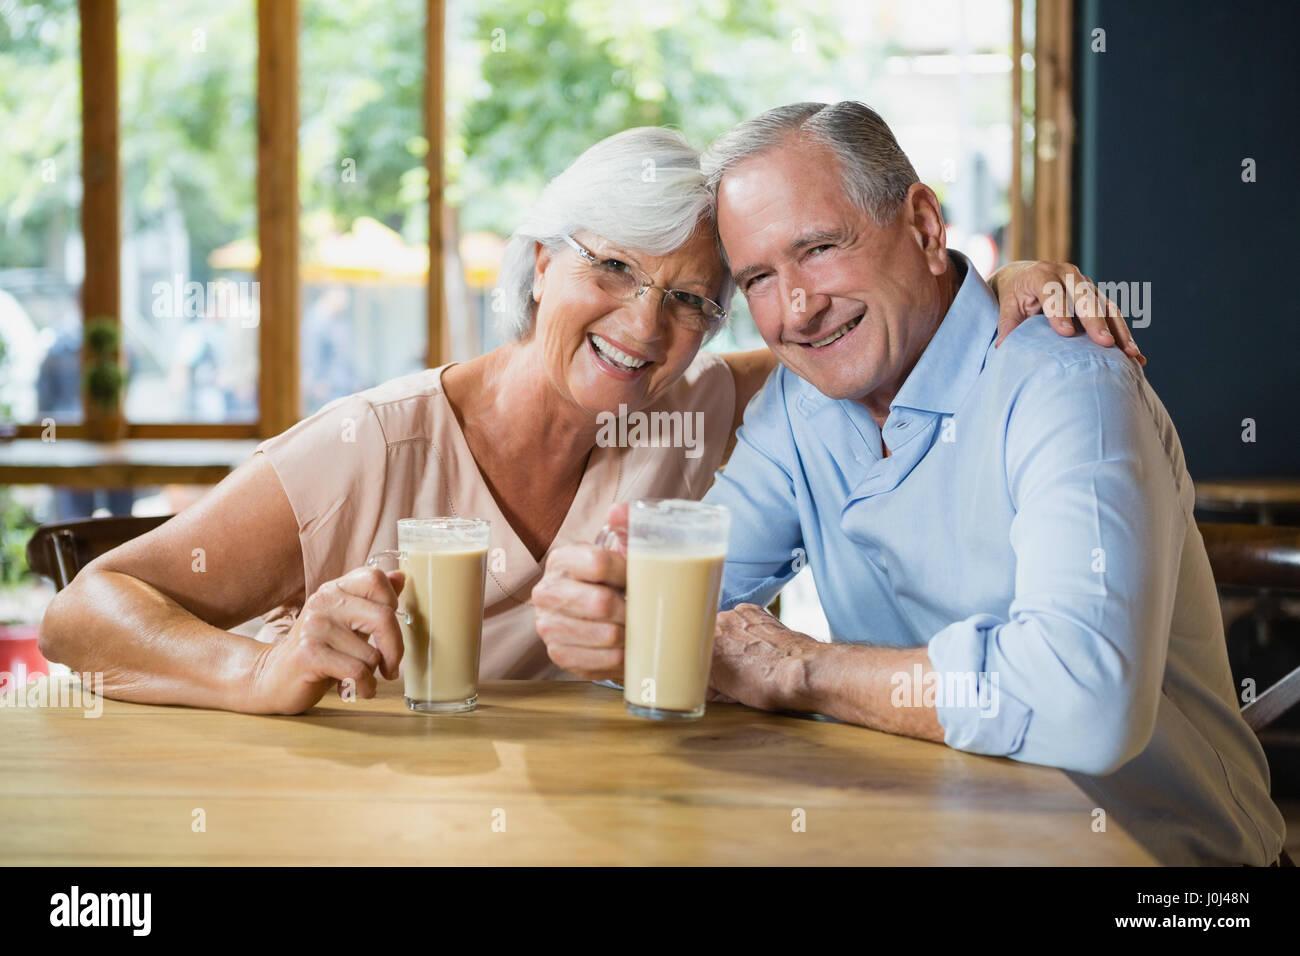 Porträt von senior Brautpaar mit kalter Kaffee in CafÃ?© Stockbild